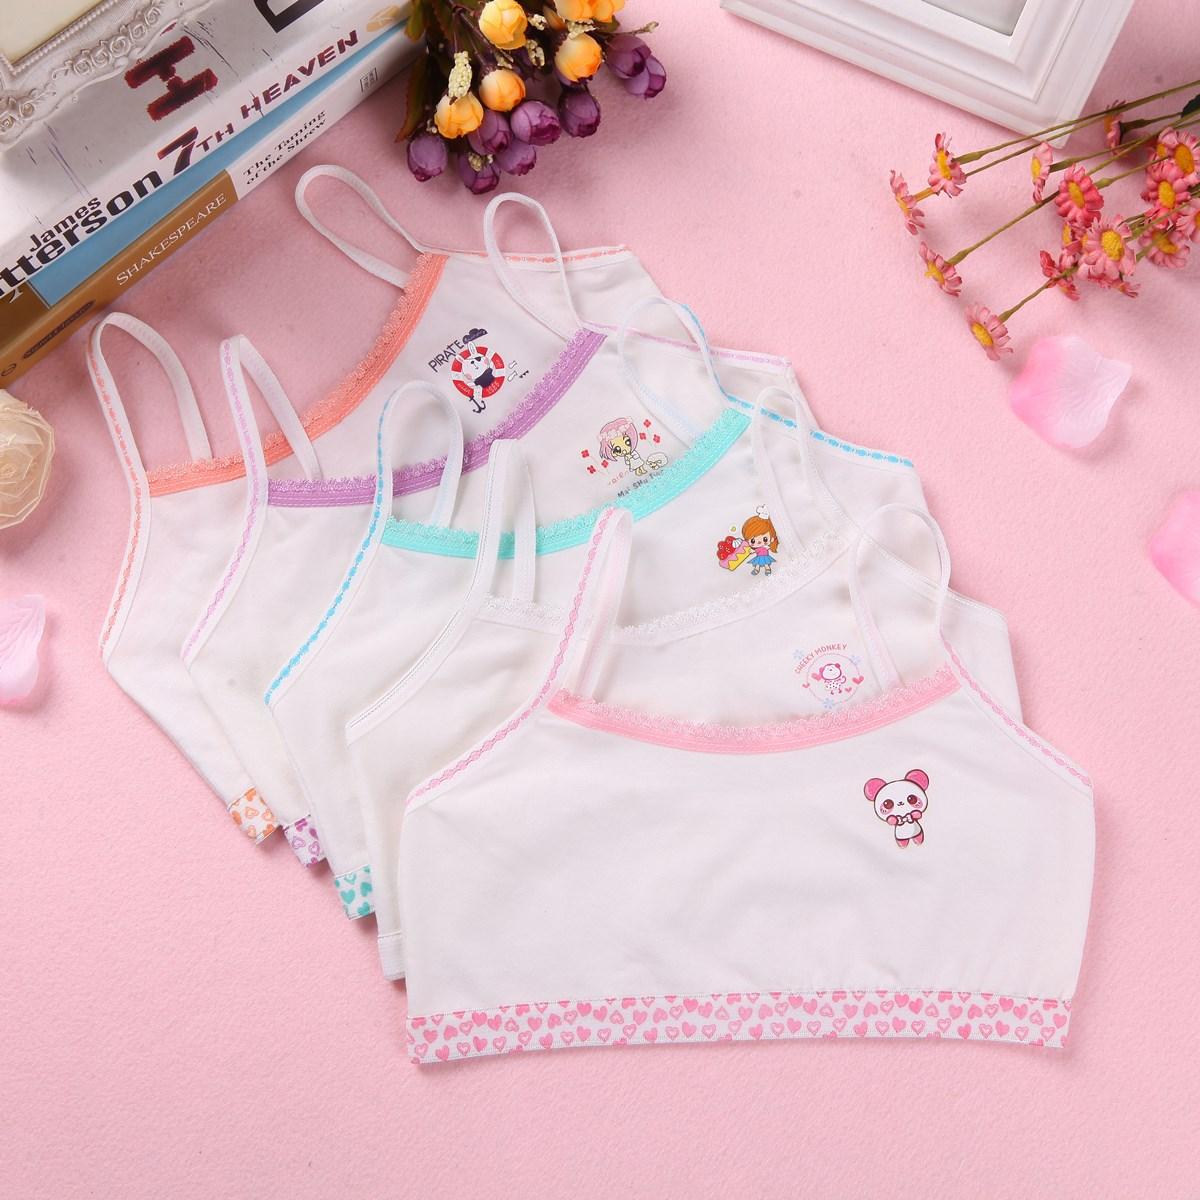 【四条装】女童小背心学生内衣发育期8-12岁女孩纯棉儿童吊带背心